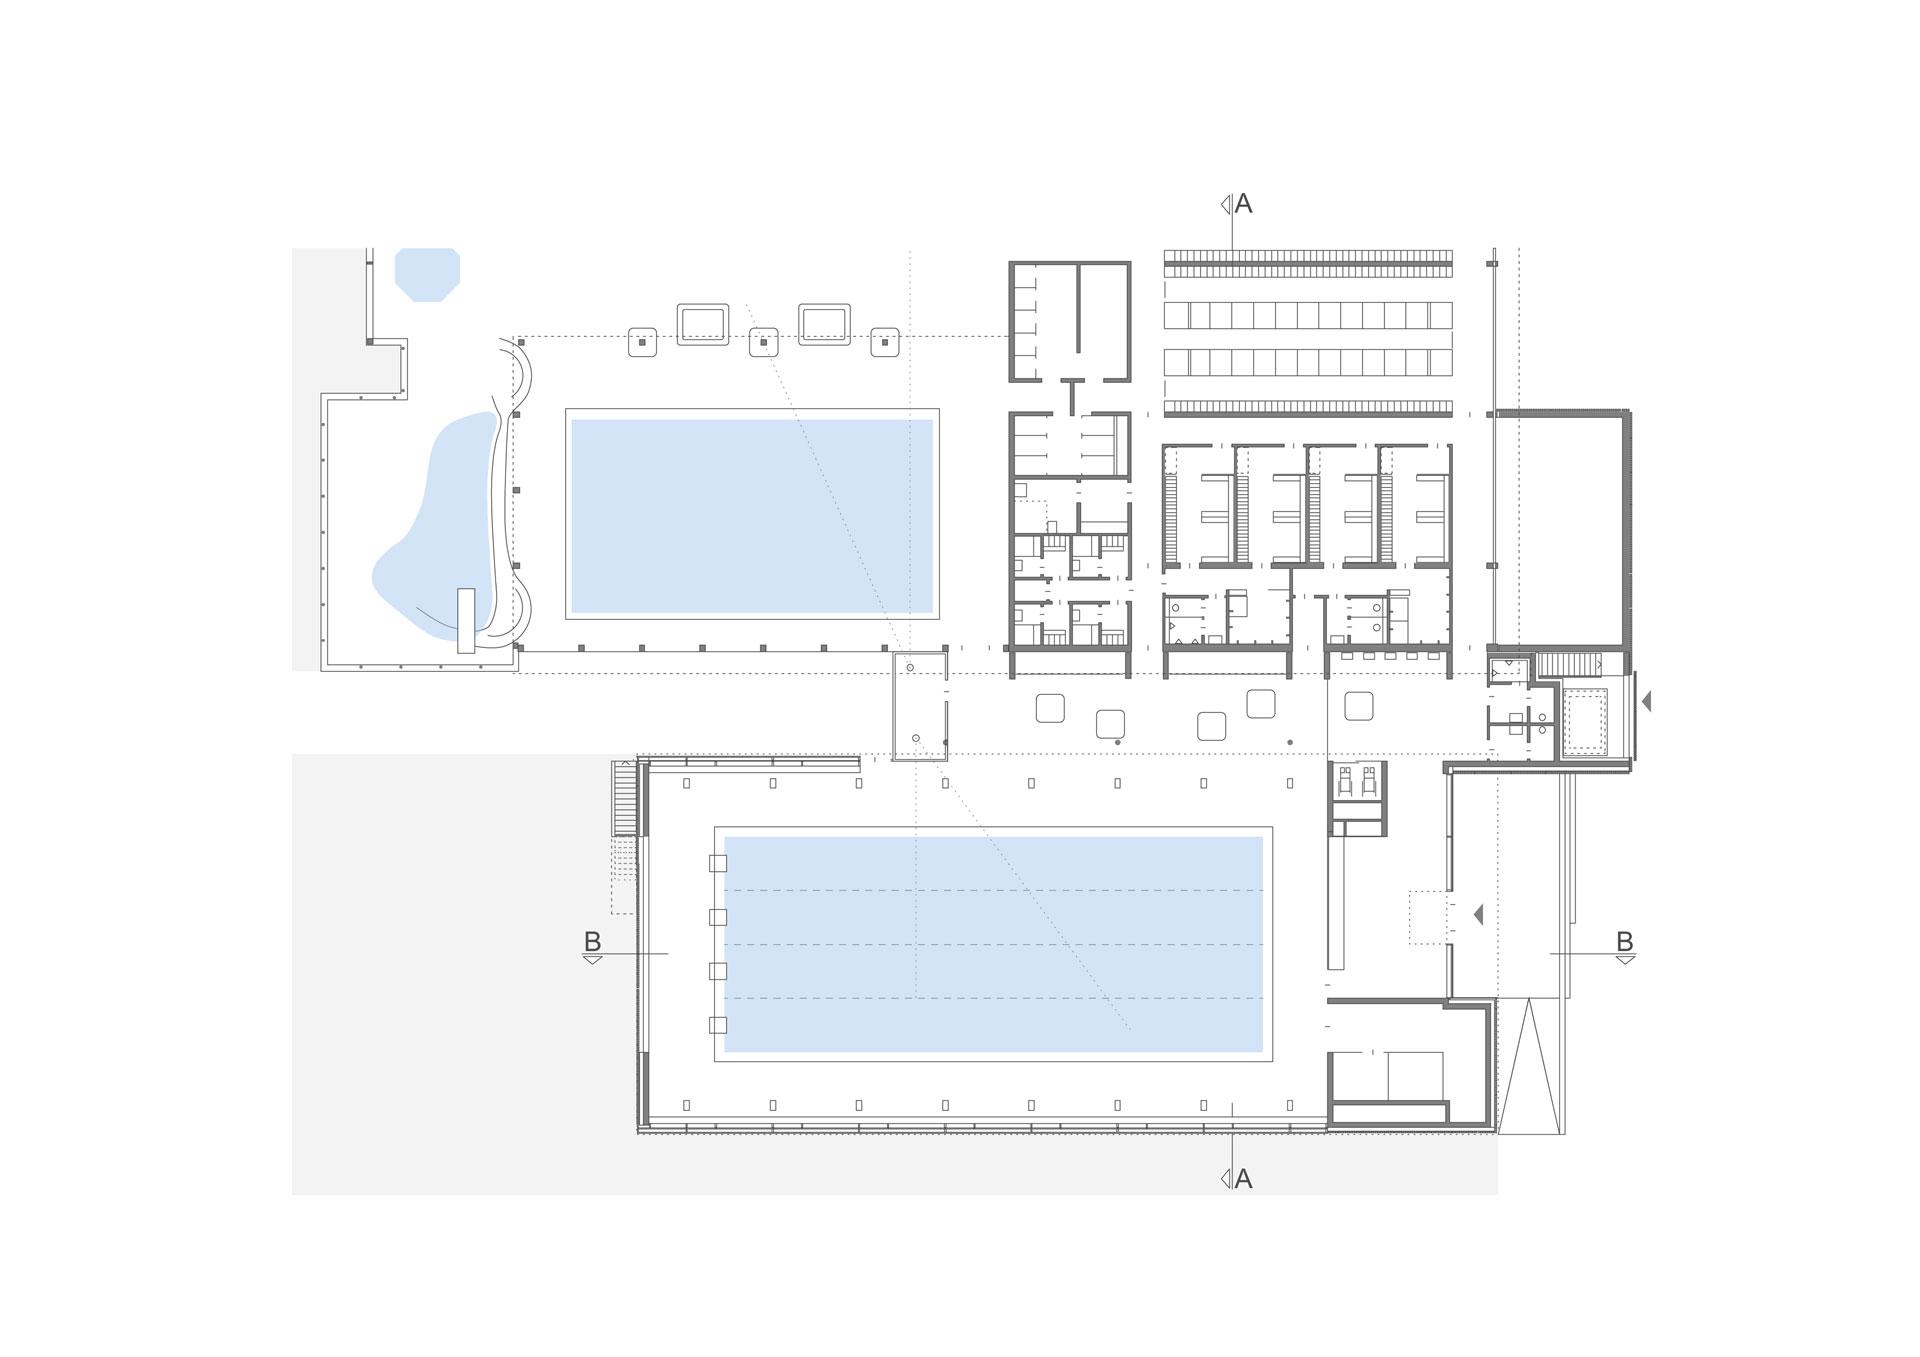 Architekt, Hallenbad, Grundriss. Neu Edelstahlbecken